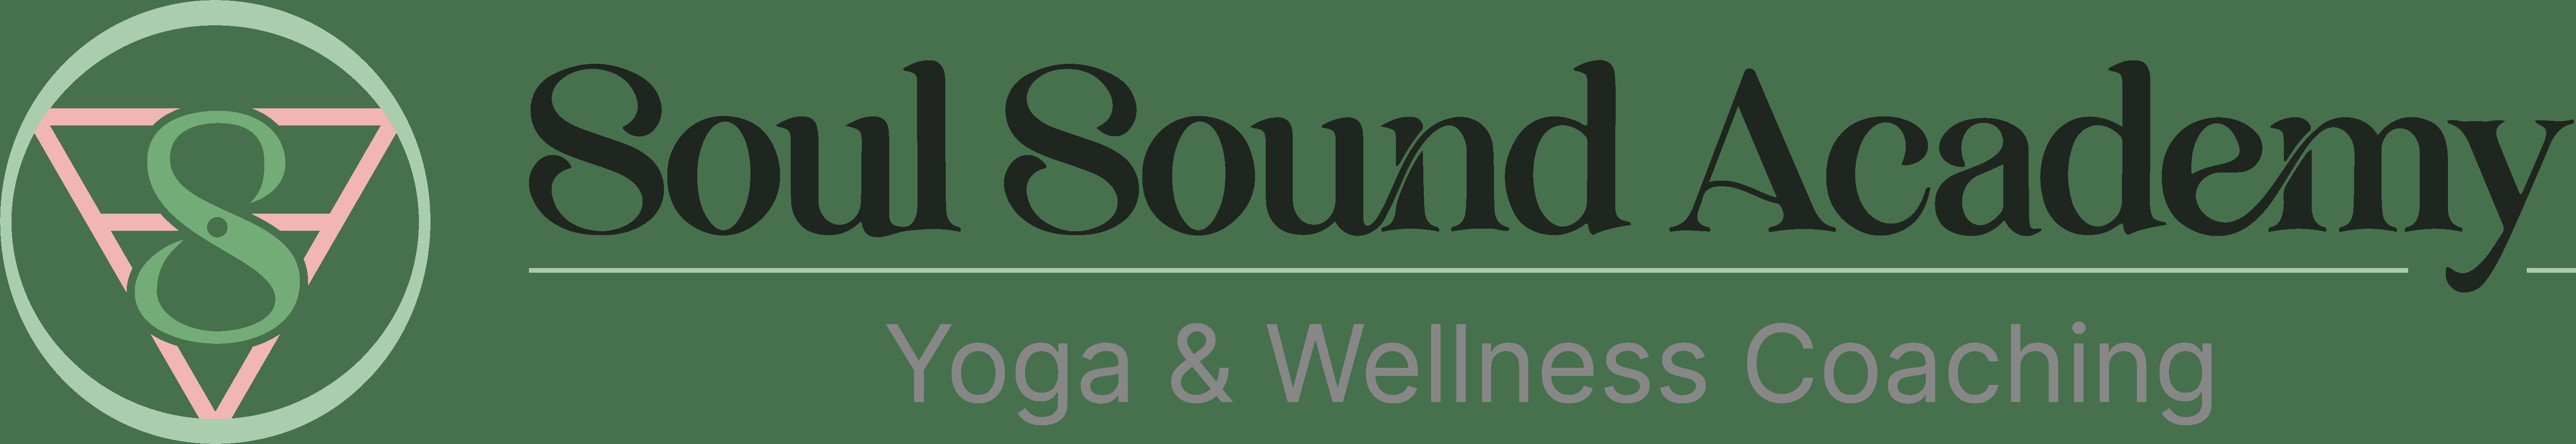 Soul Sound Academy